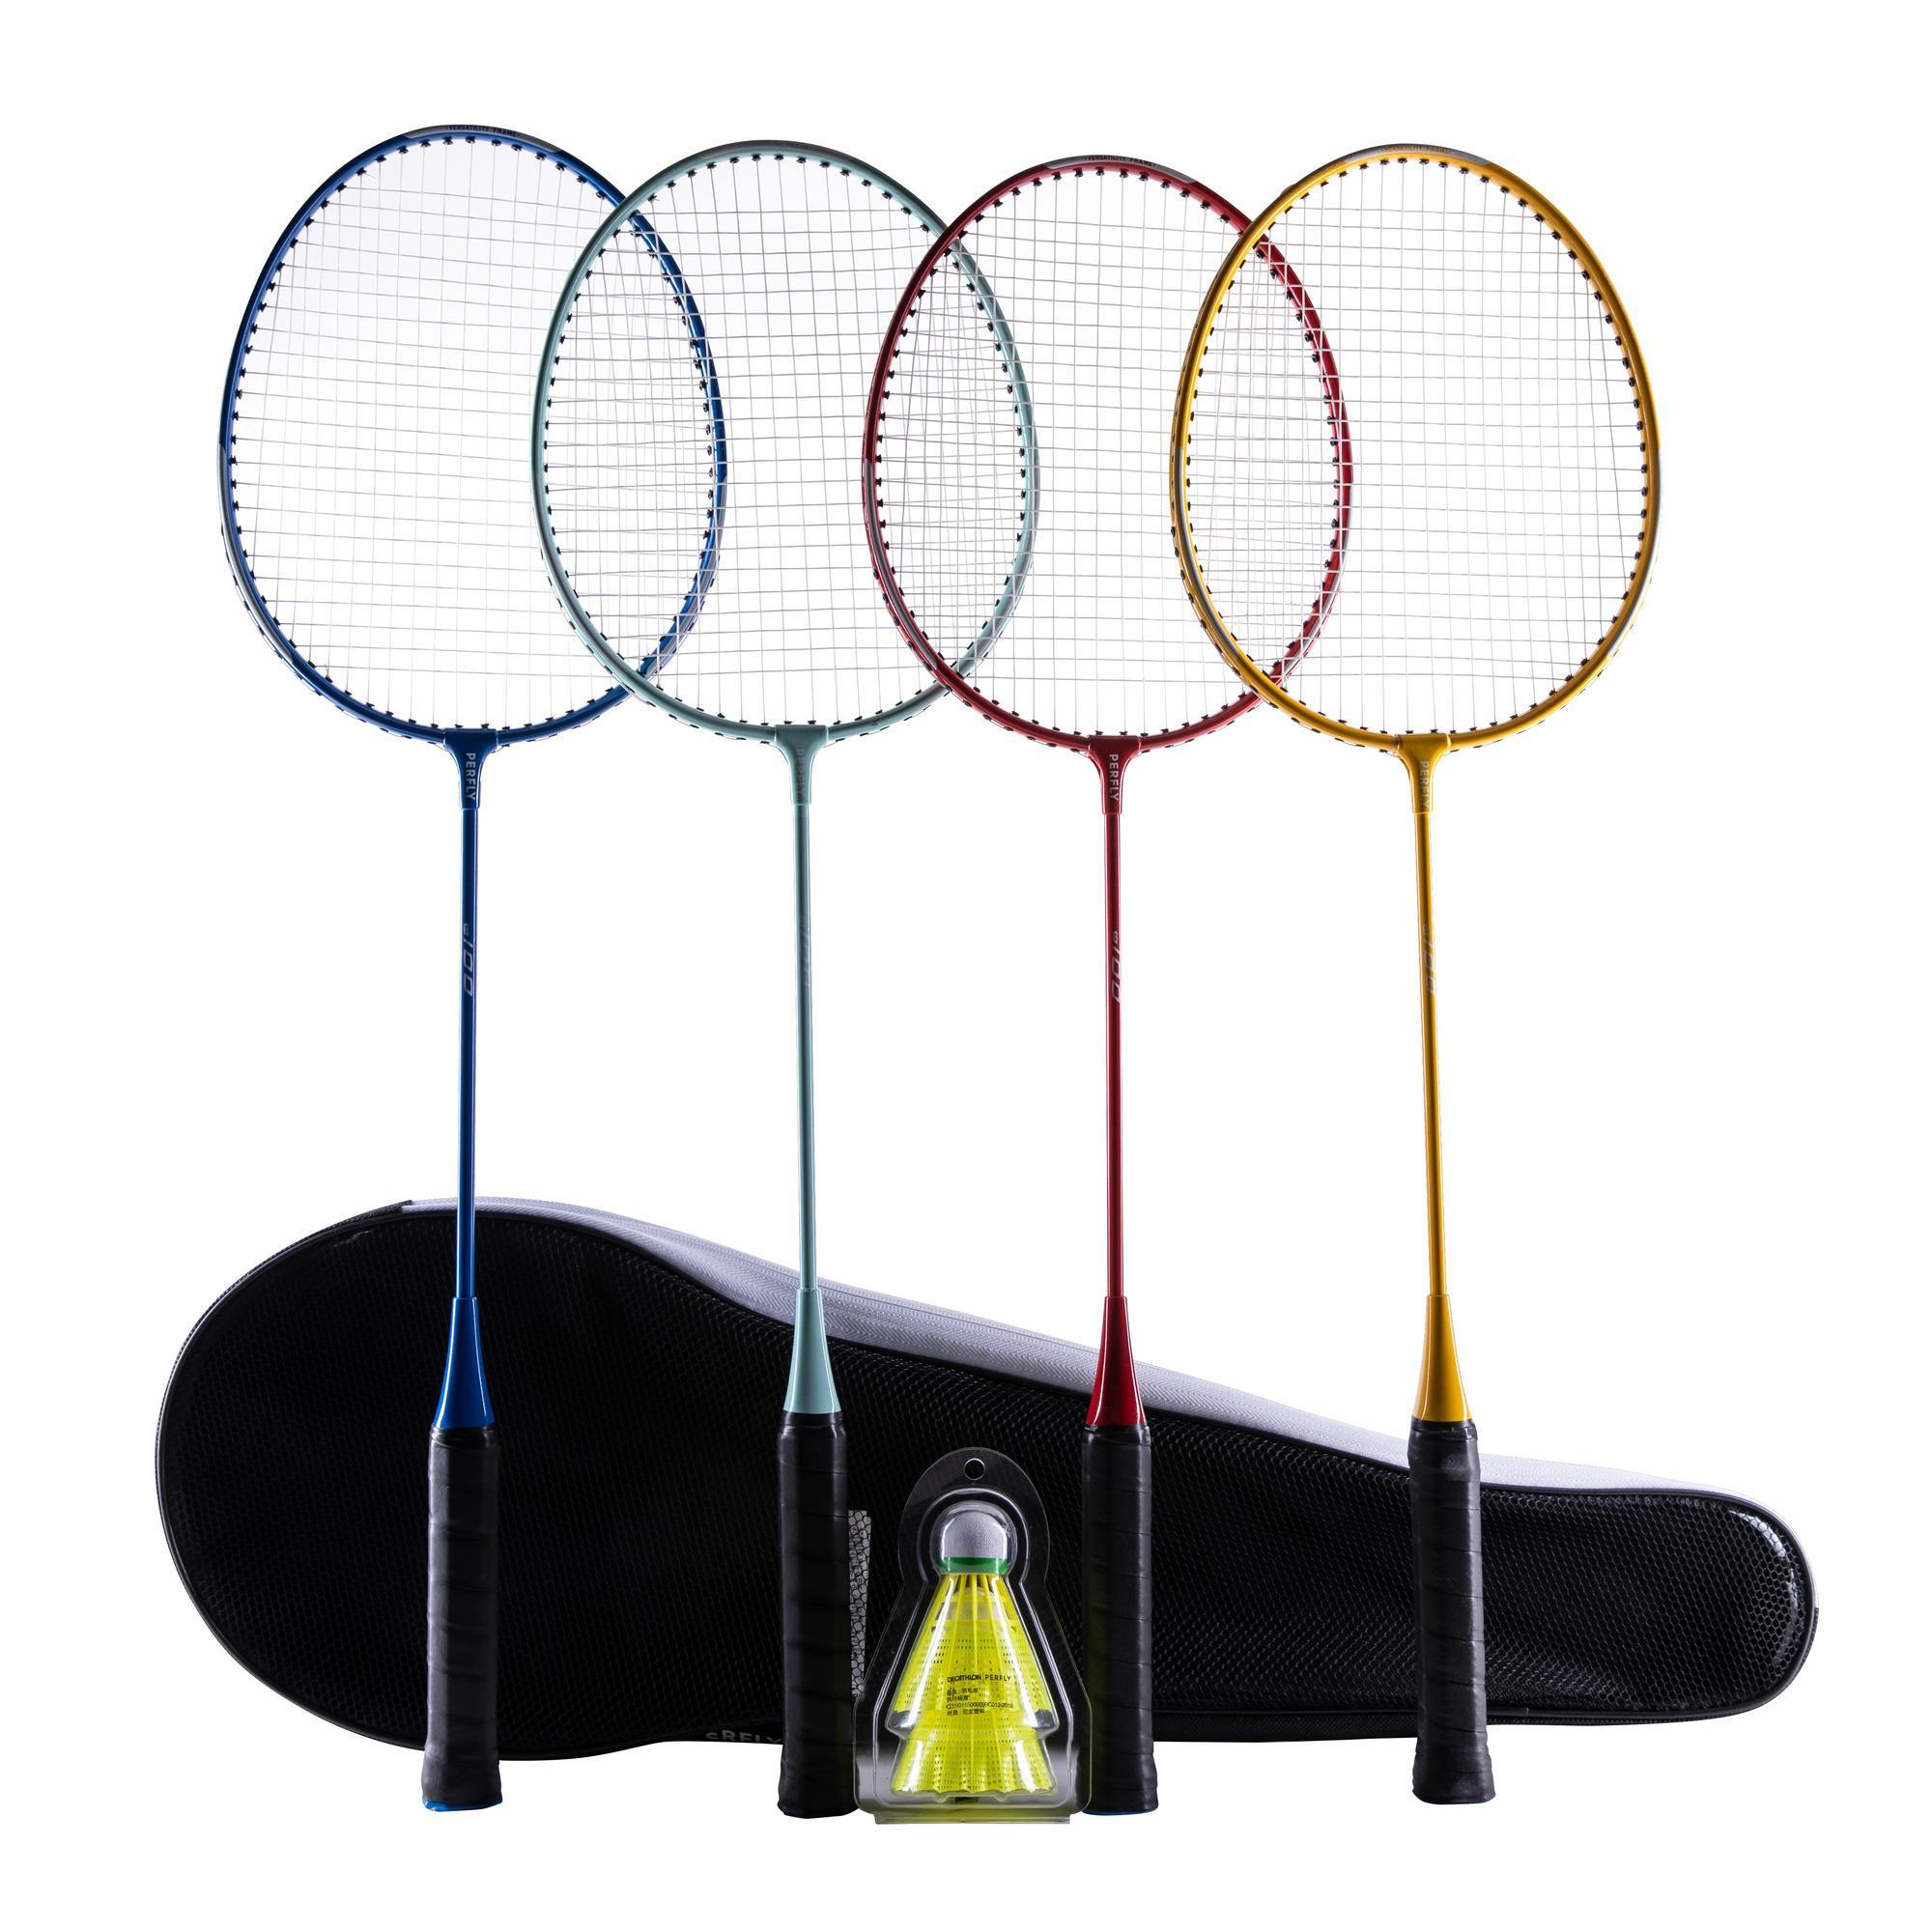 Perfly Badmintonracket voor volwassenen kopen